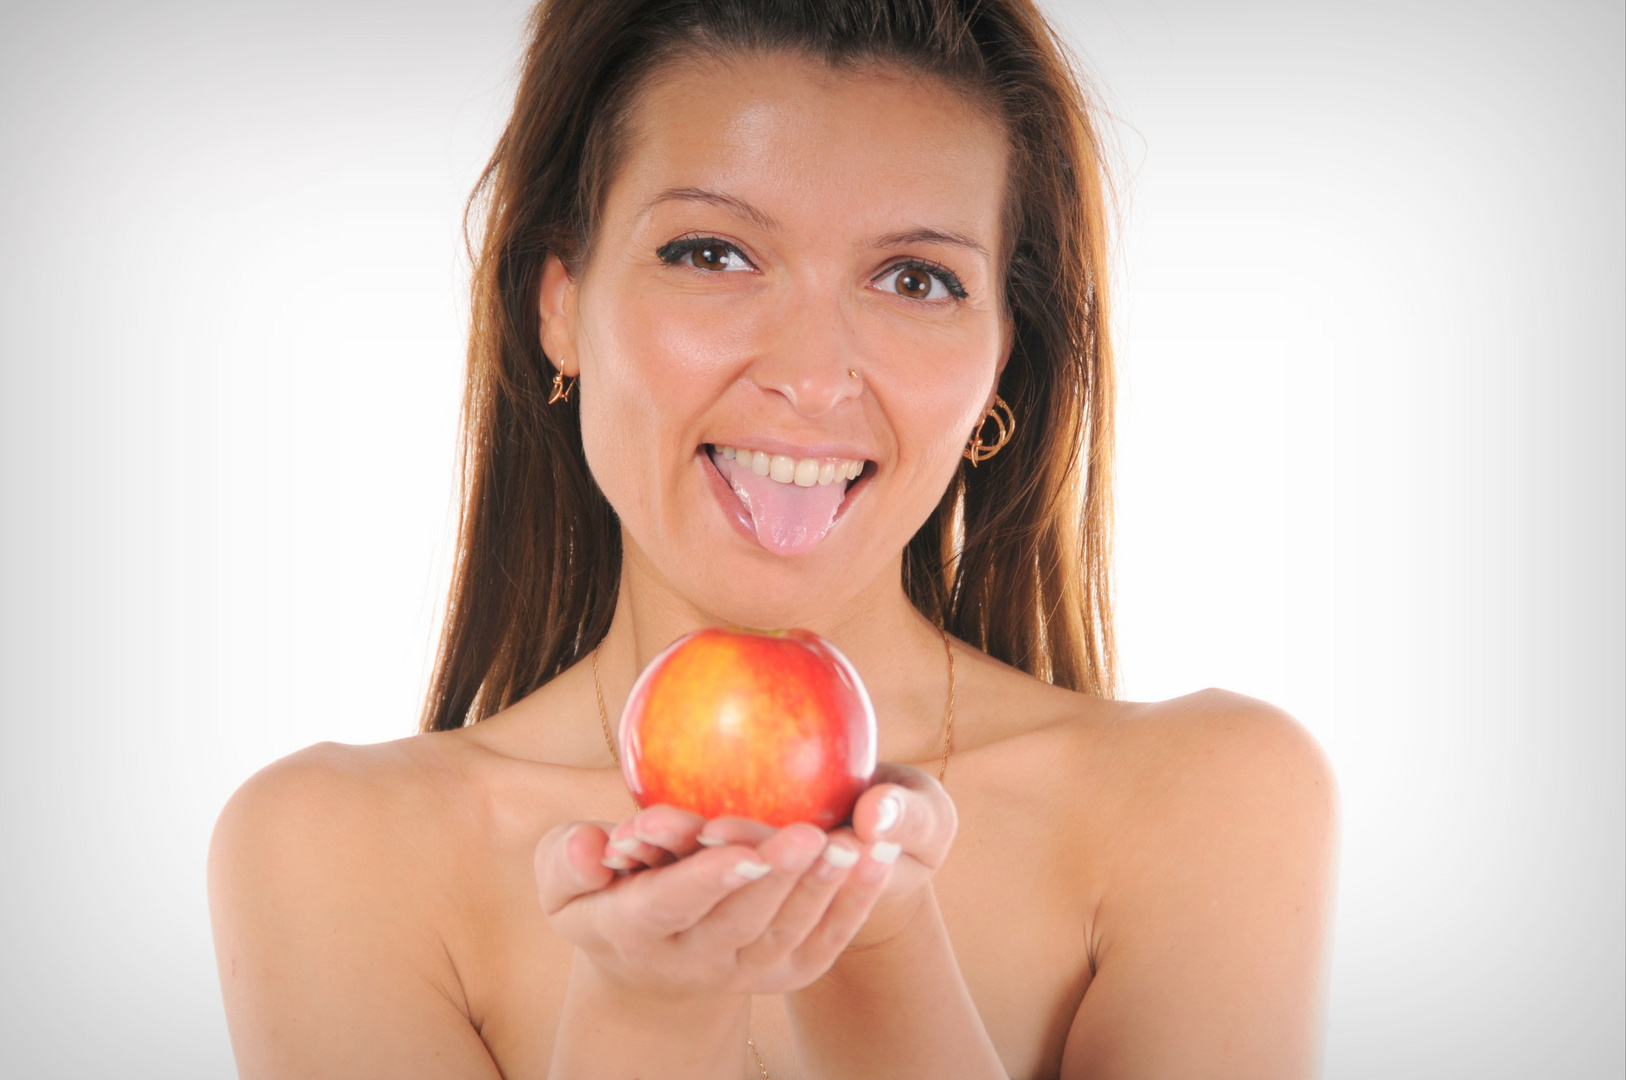 Nur ein Apfel, ... aber nur für MICH .... ääätsch